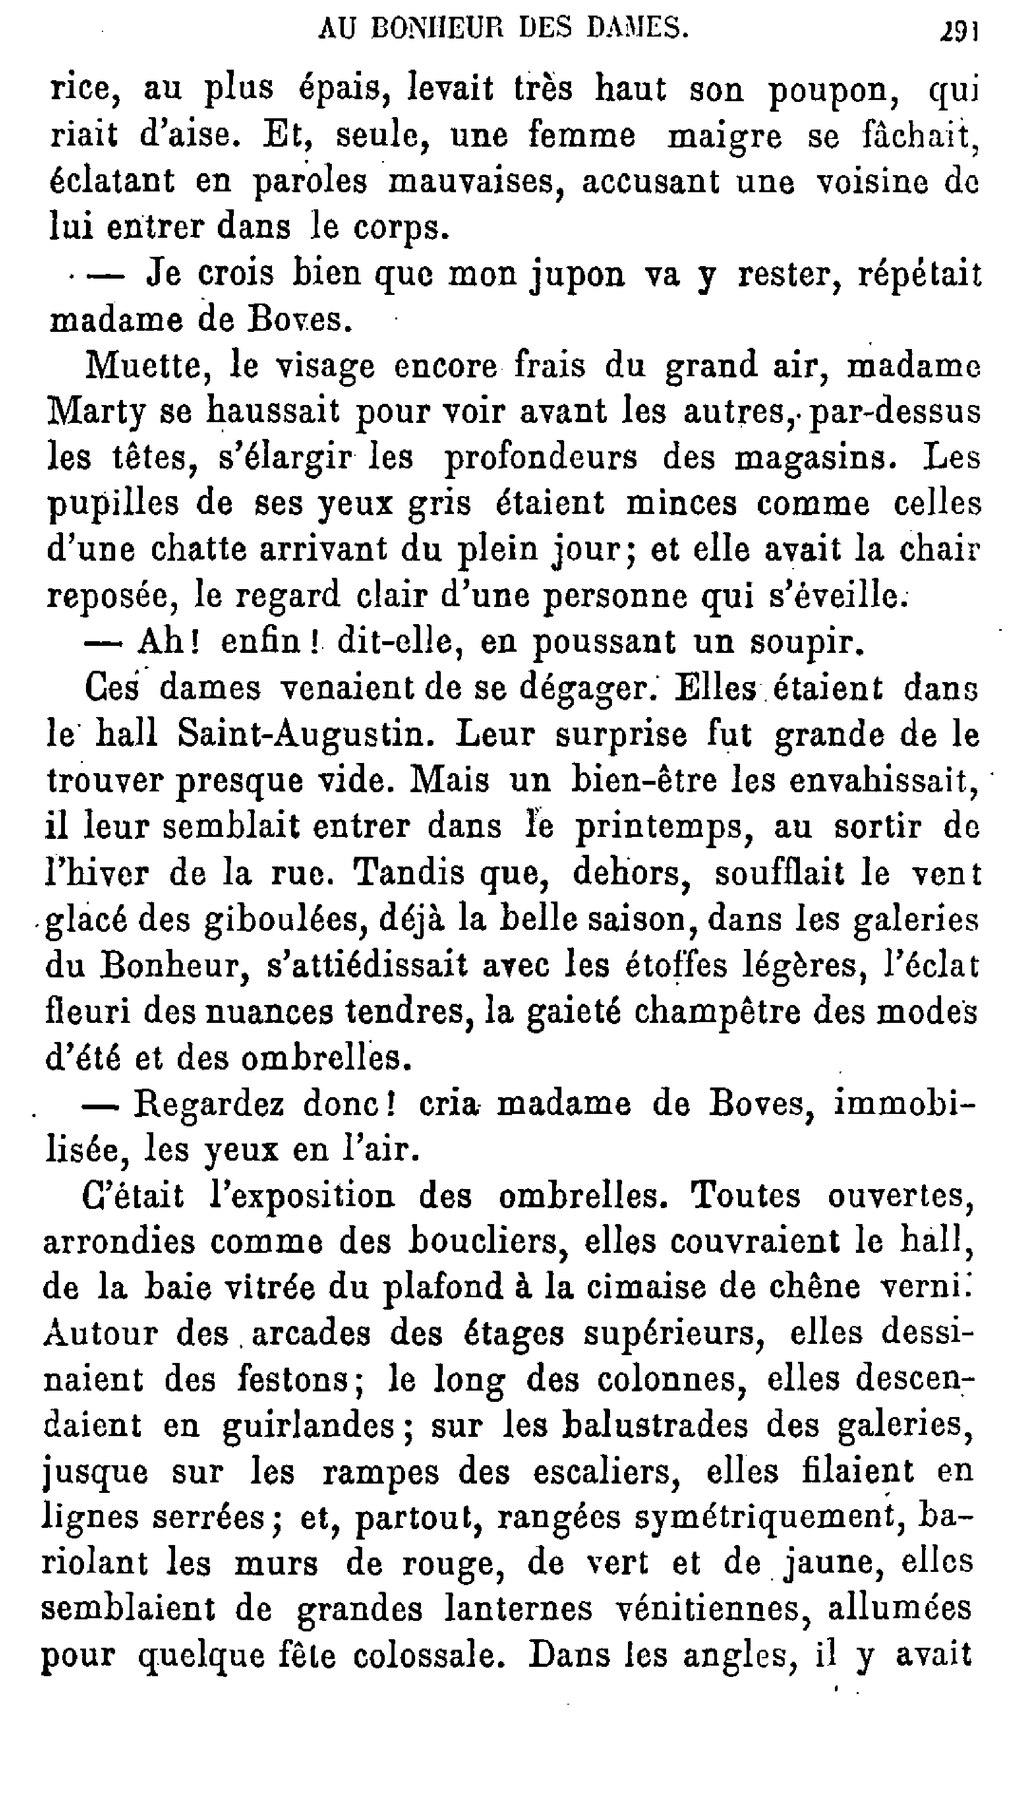 Au Bonheur Des Dames Extrait Description Du Magasin : bonheur, dames, extrait, description, magasin, Page:Emile, Bonheur, Dames.djvu/291, Wikisource